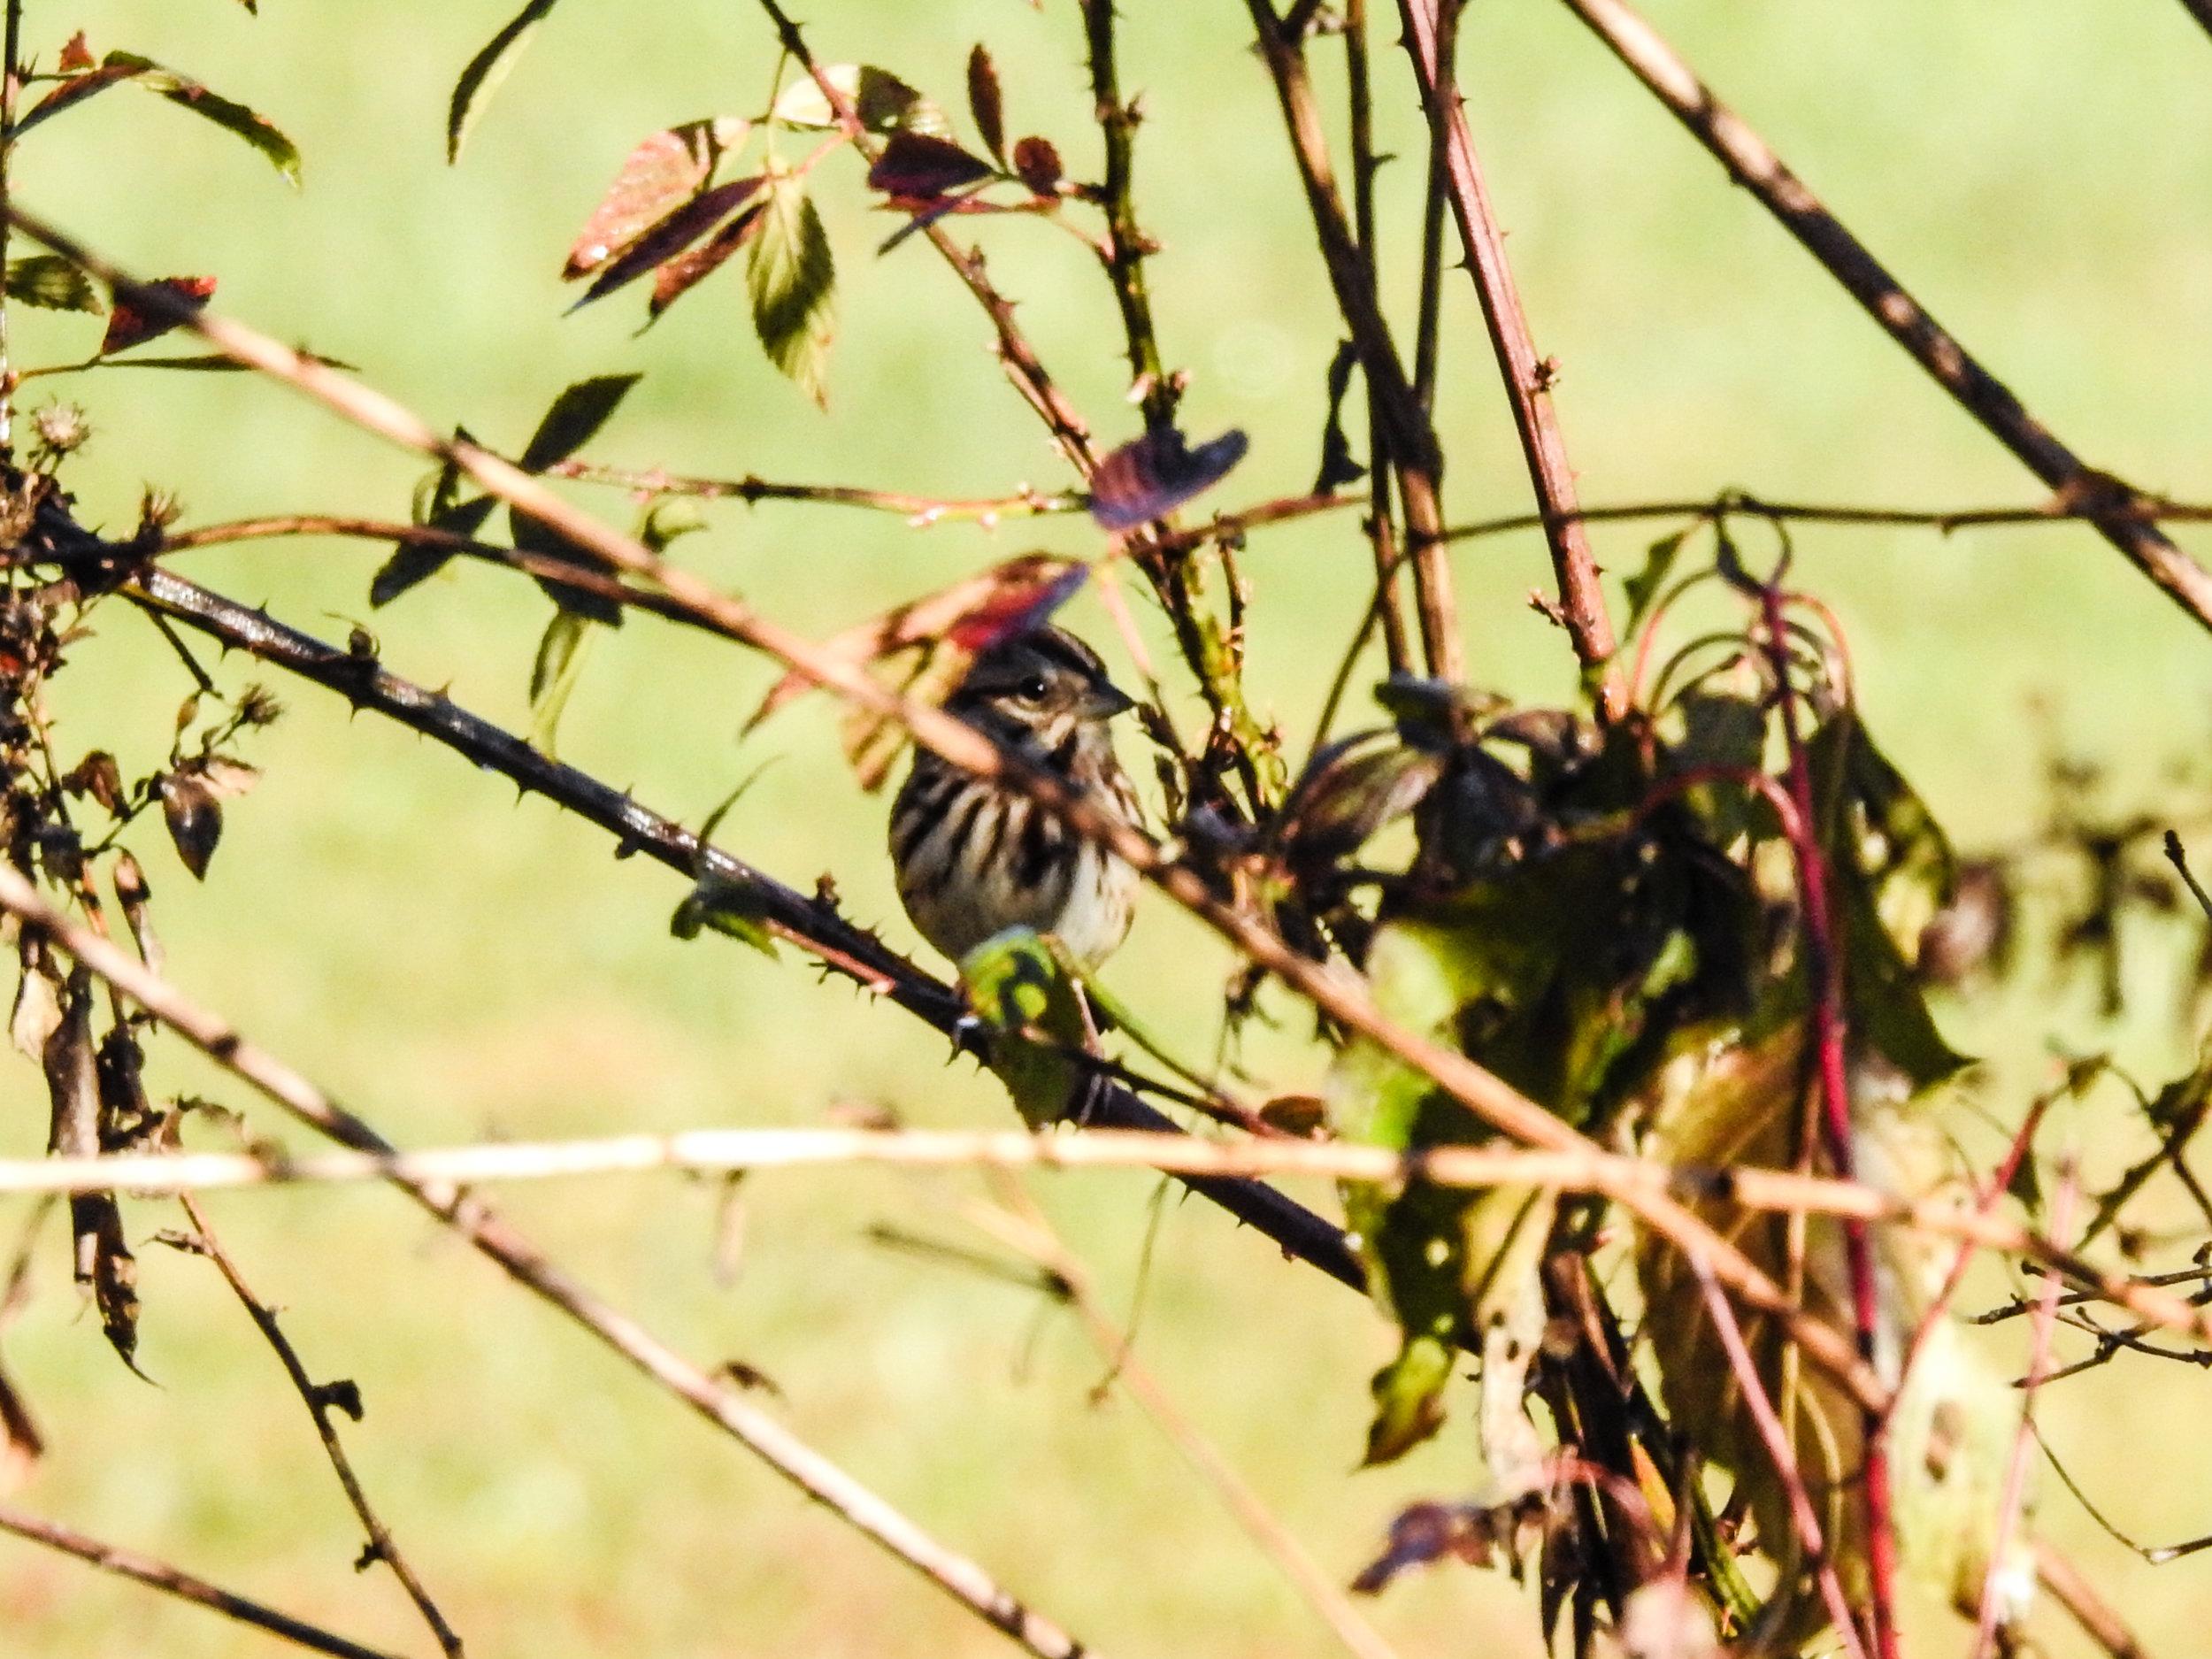 Song Sparrow, November 24, 2017